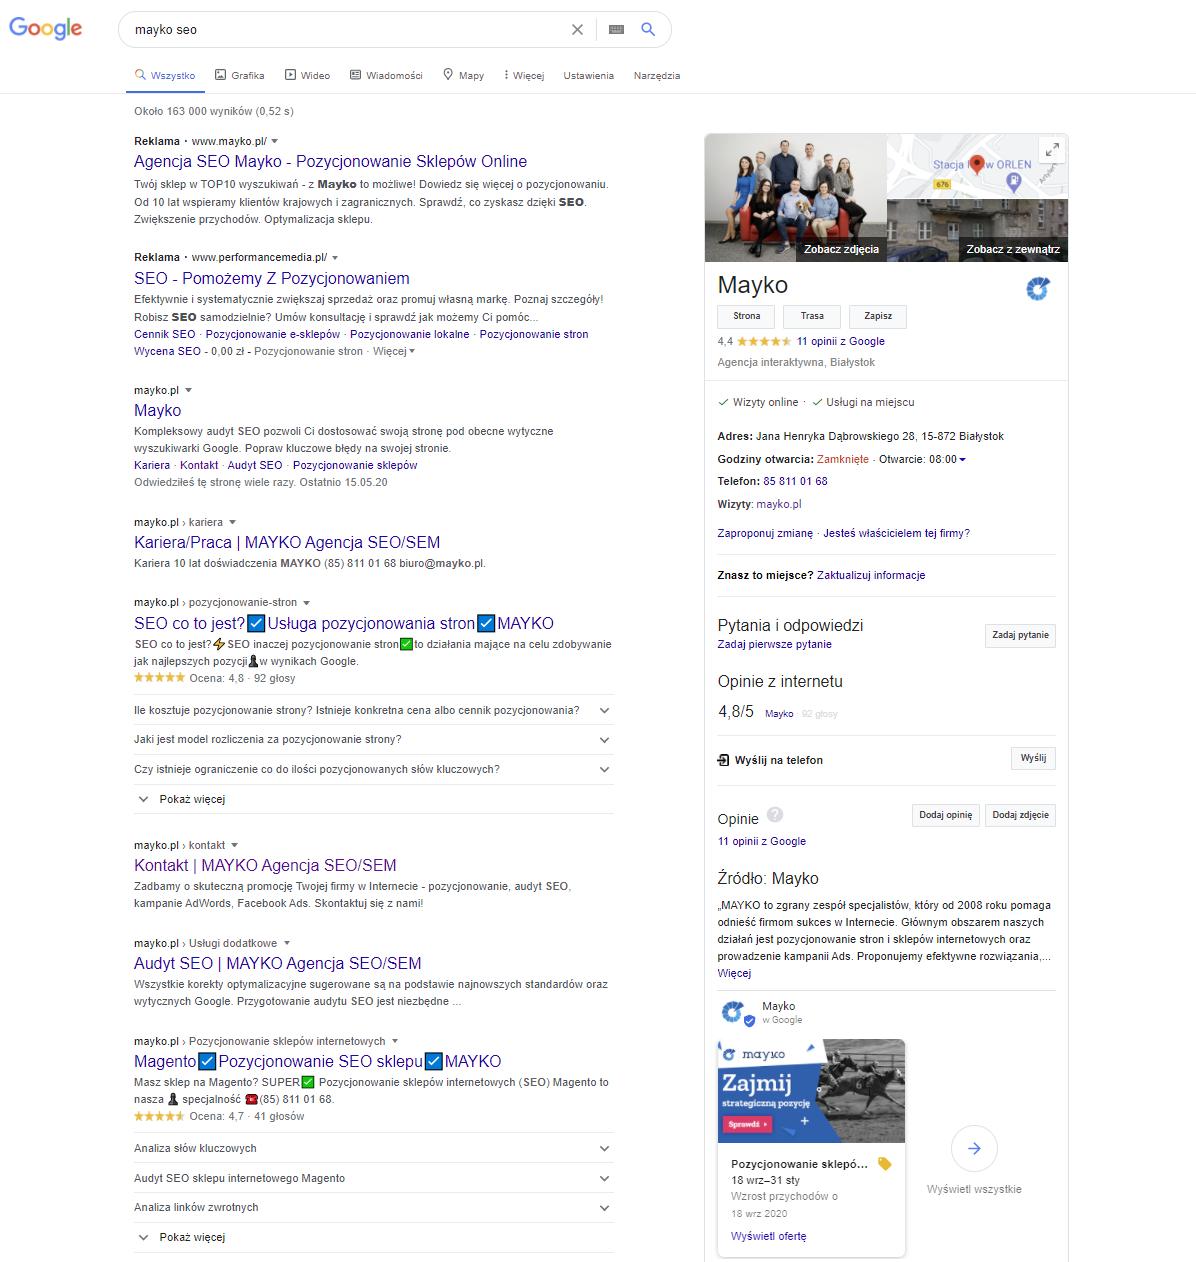 Wizytówka Google Moja Firma w wynikach wyszukiwania